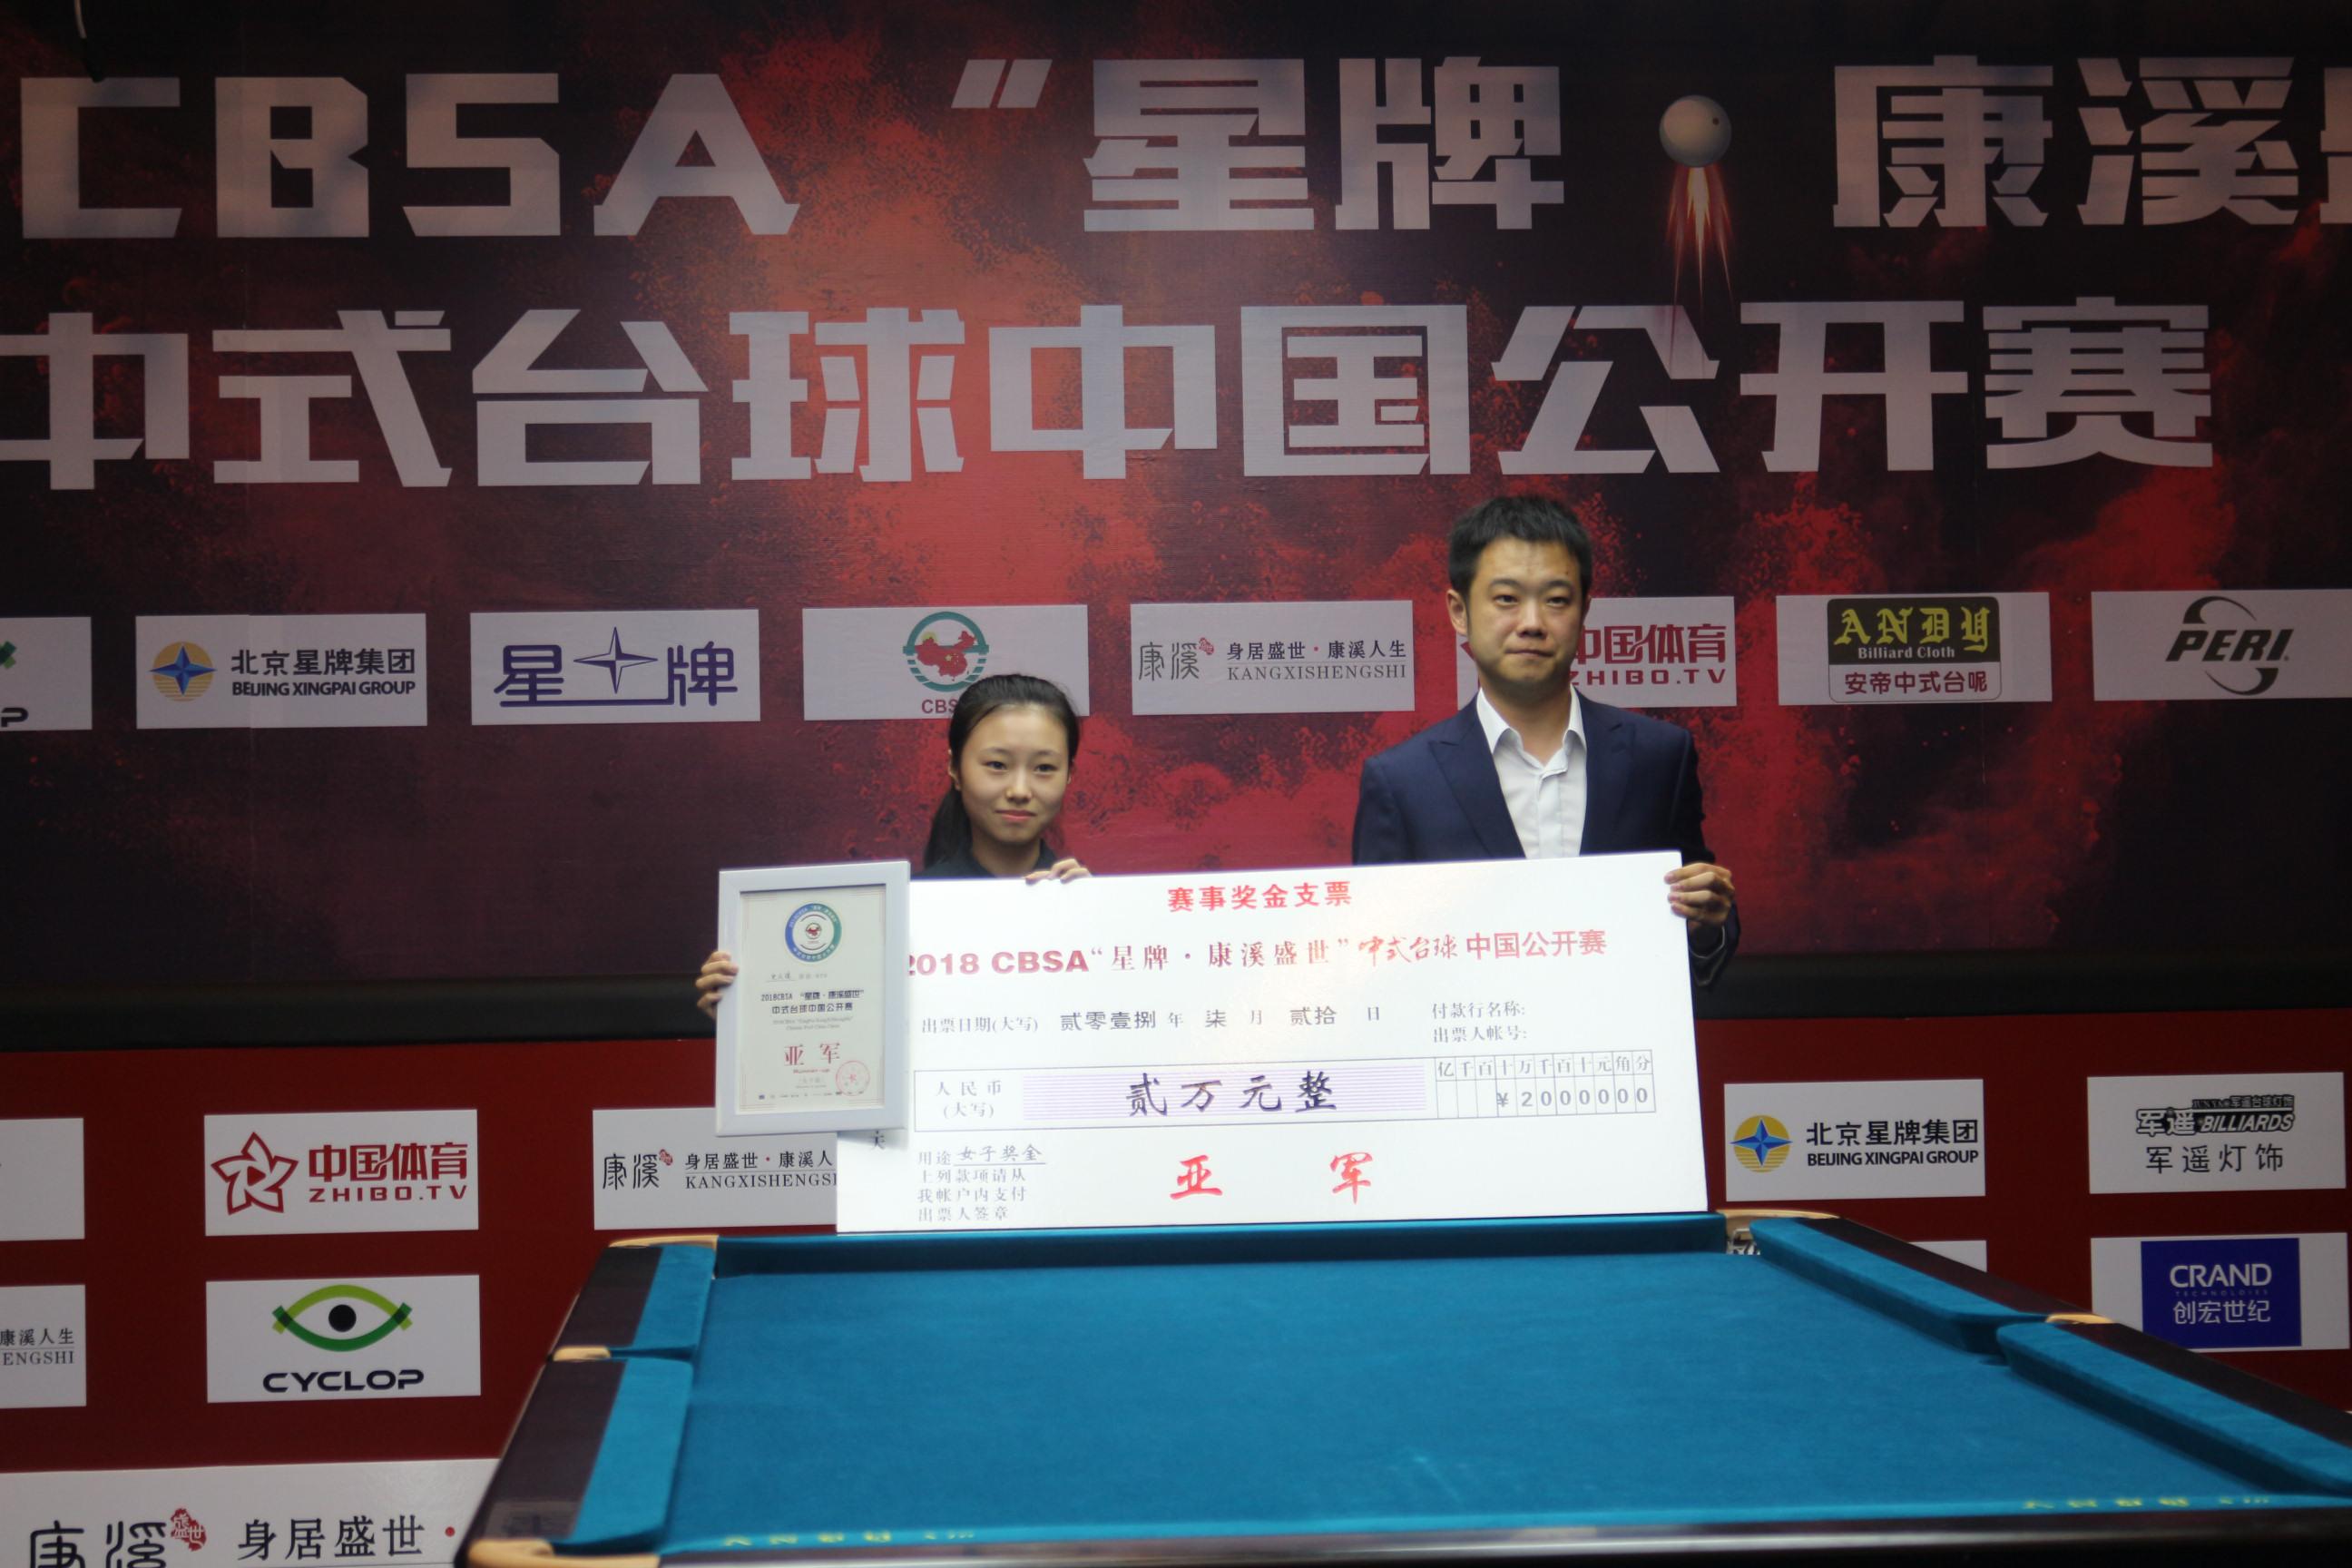 2018中式台球中国赛 楚秉杰陈思明分获男女组冠军